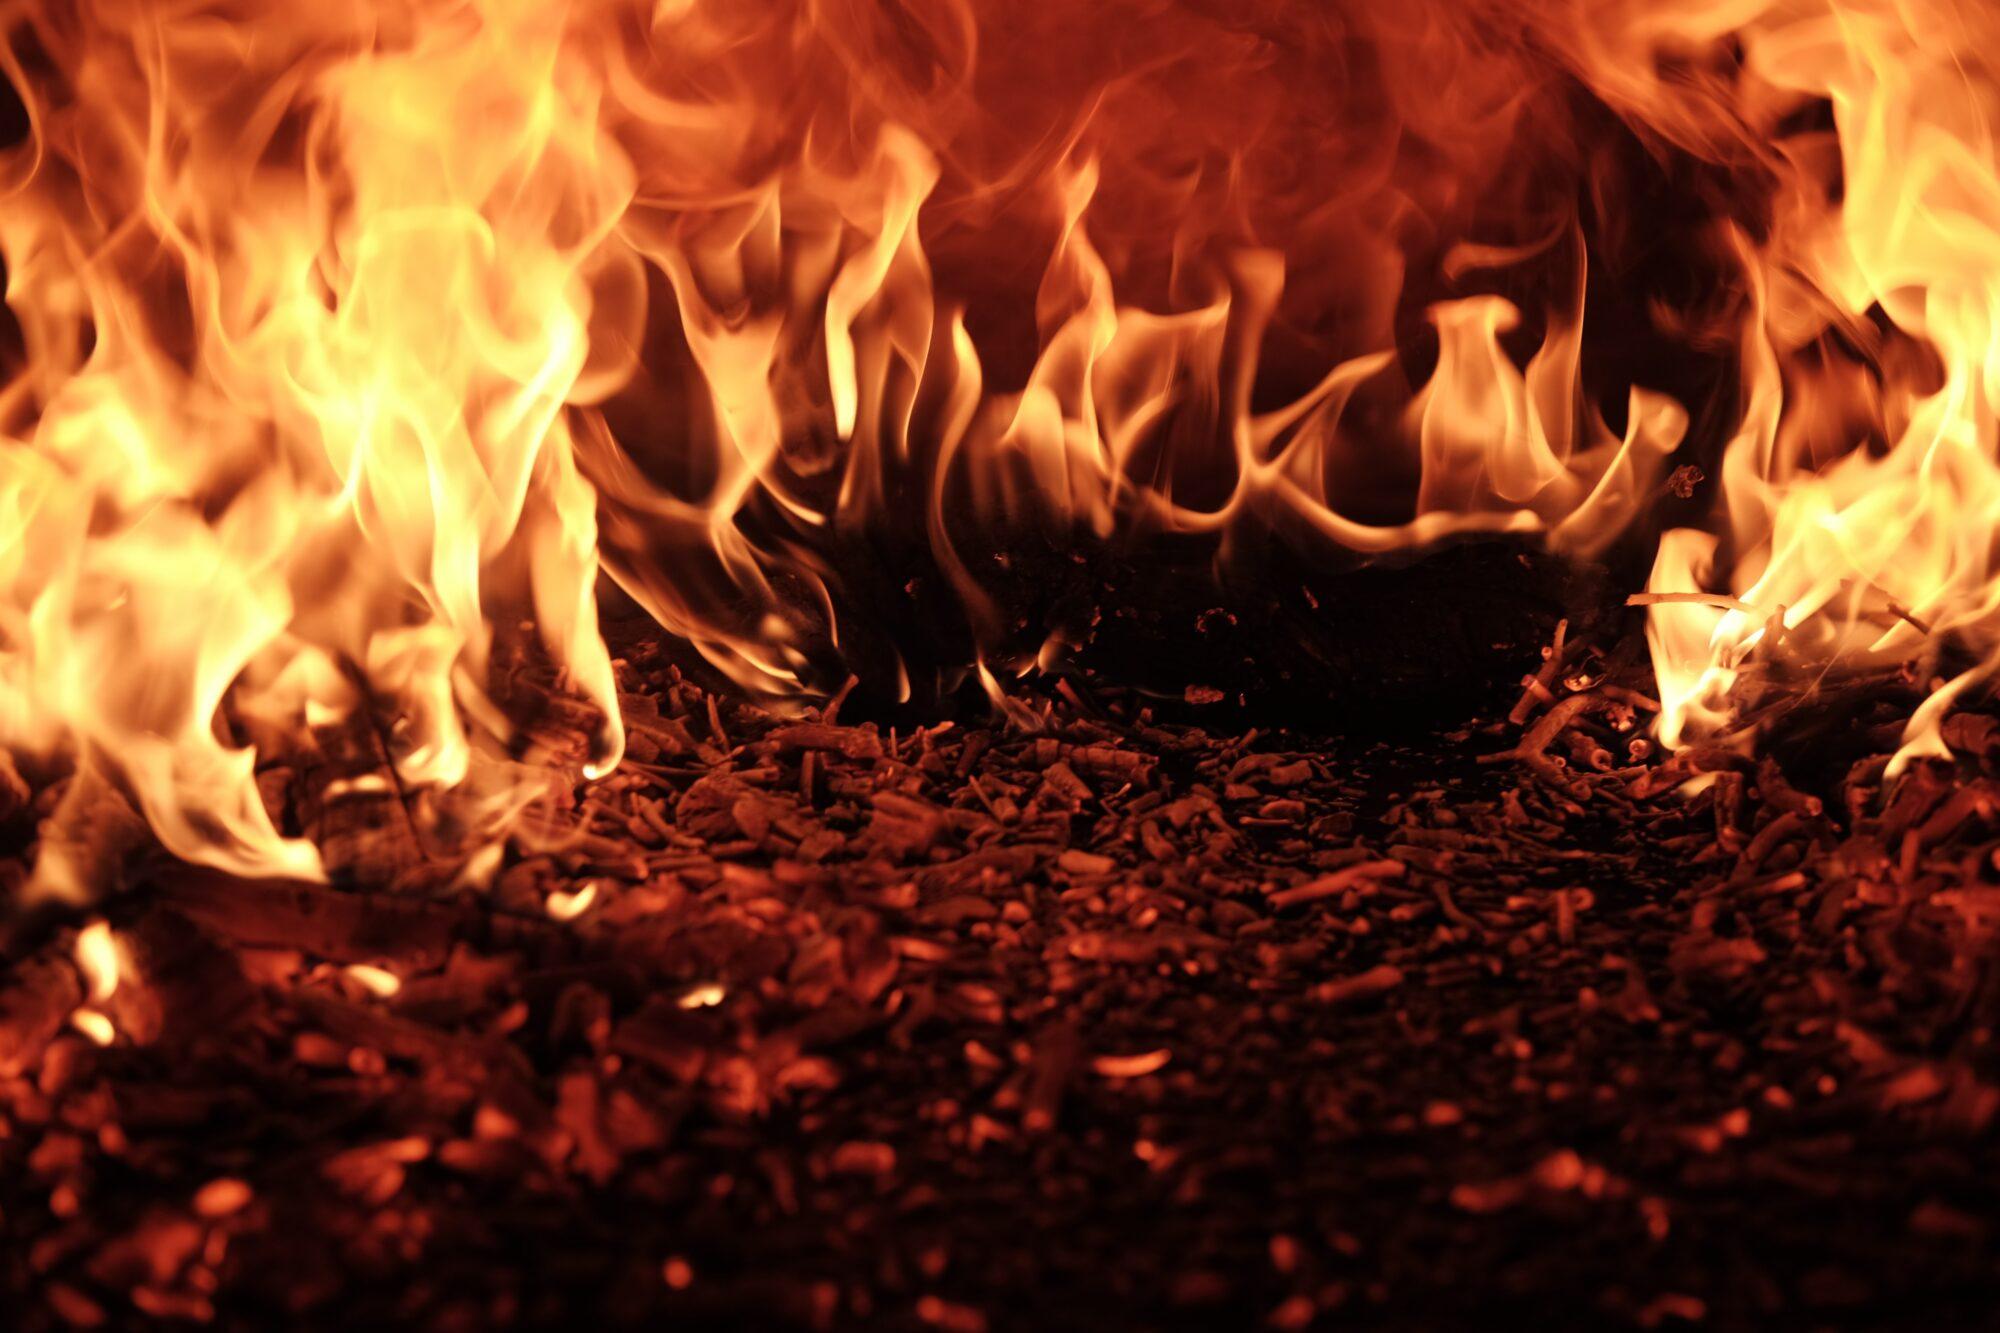 Blue Point træpiller – den helt rigtige måde at brænde på